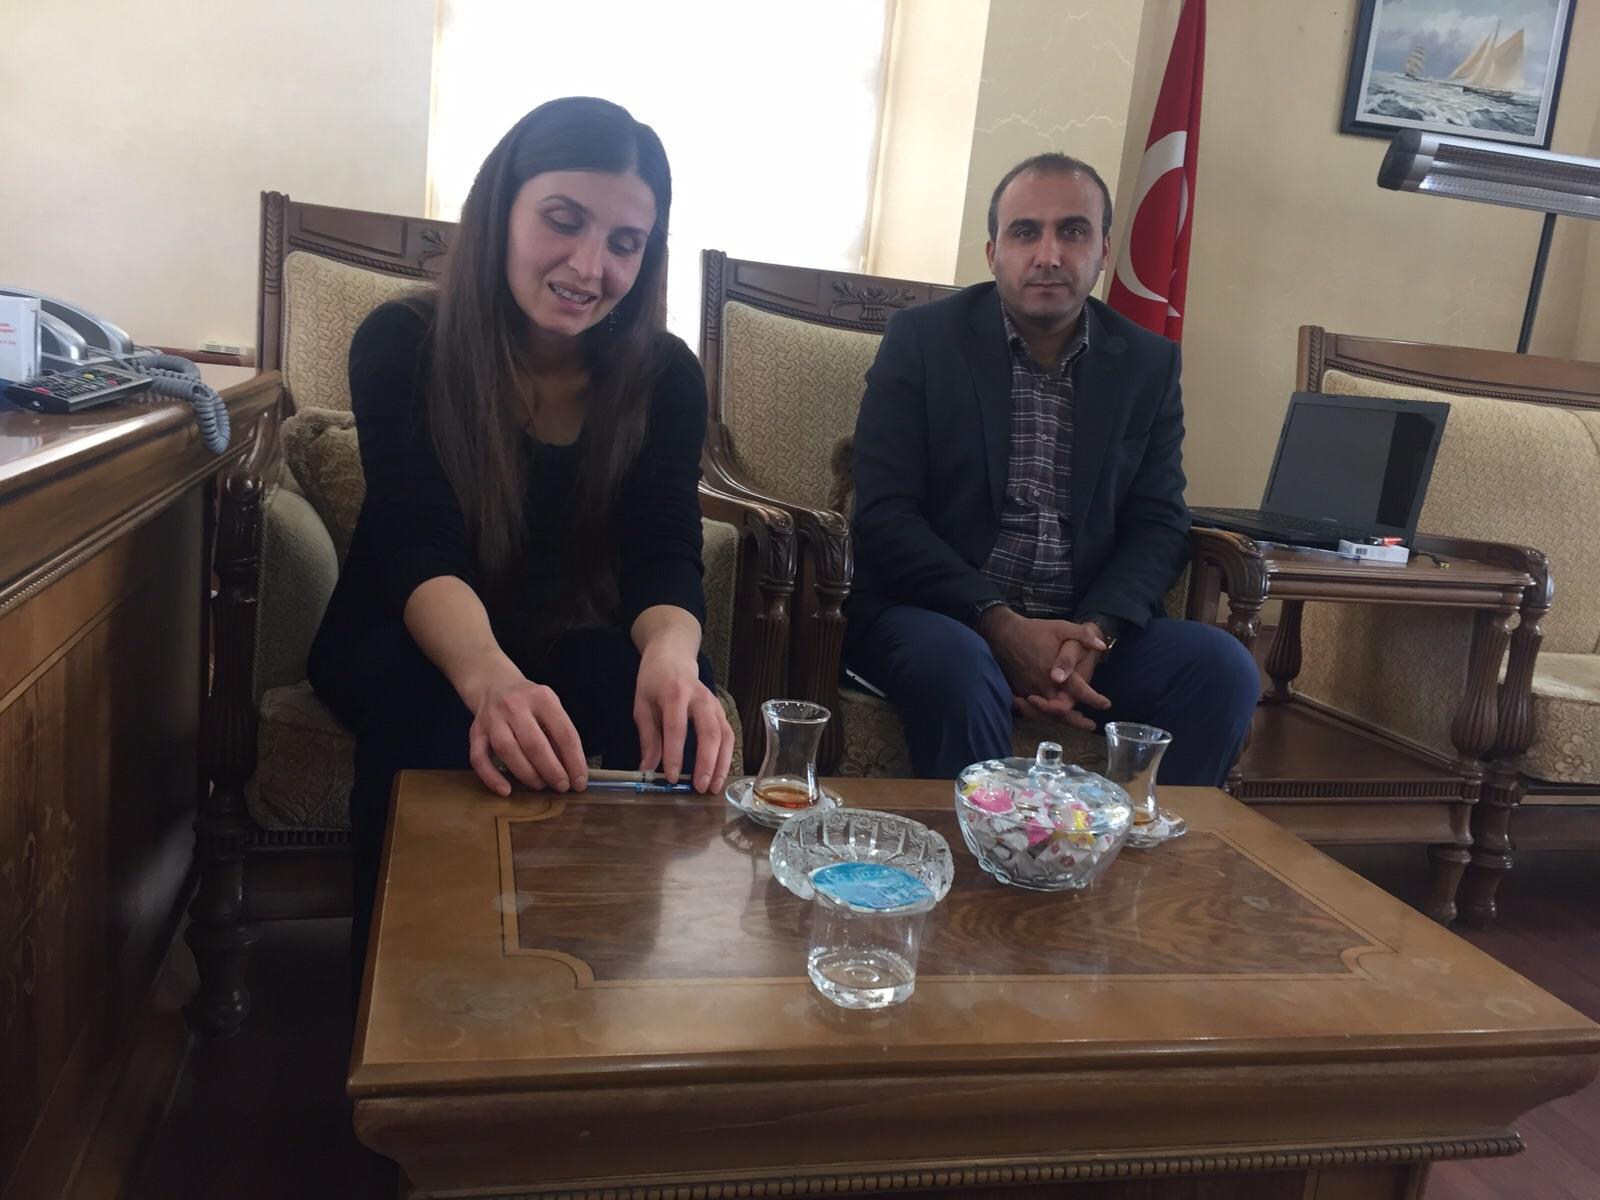 Belediyesi Eş Başkanvekilleri Zuhal Tekiner ile Kerem Canpulat